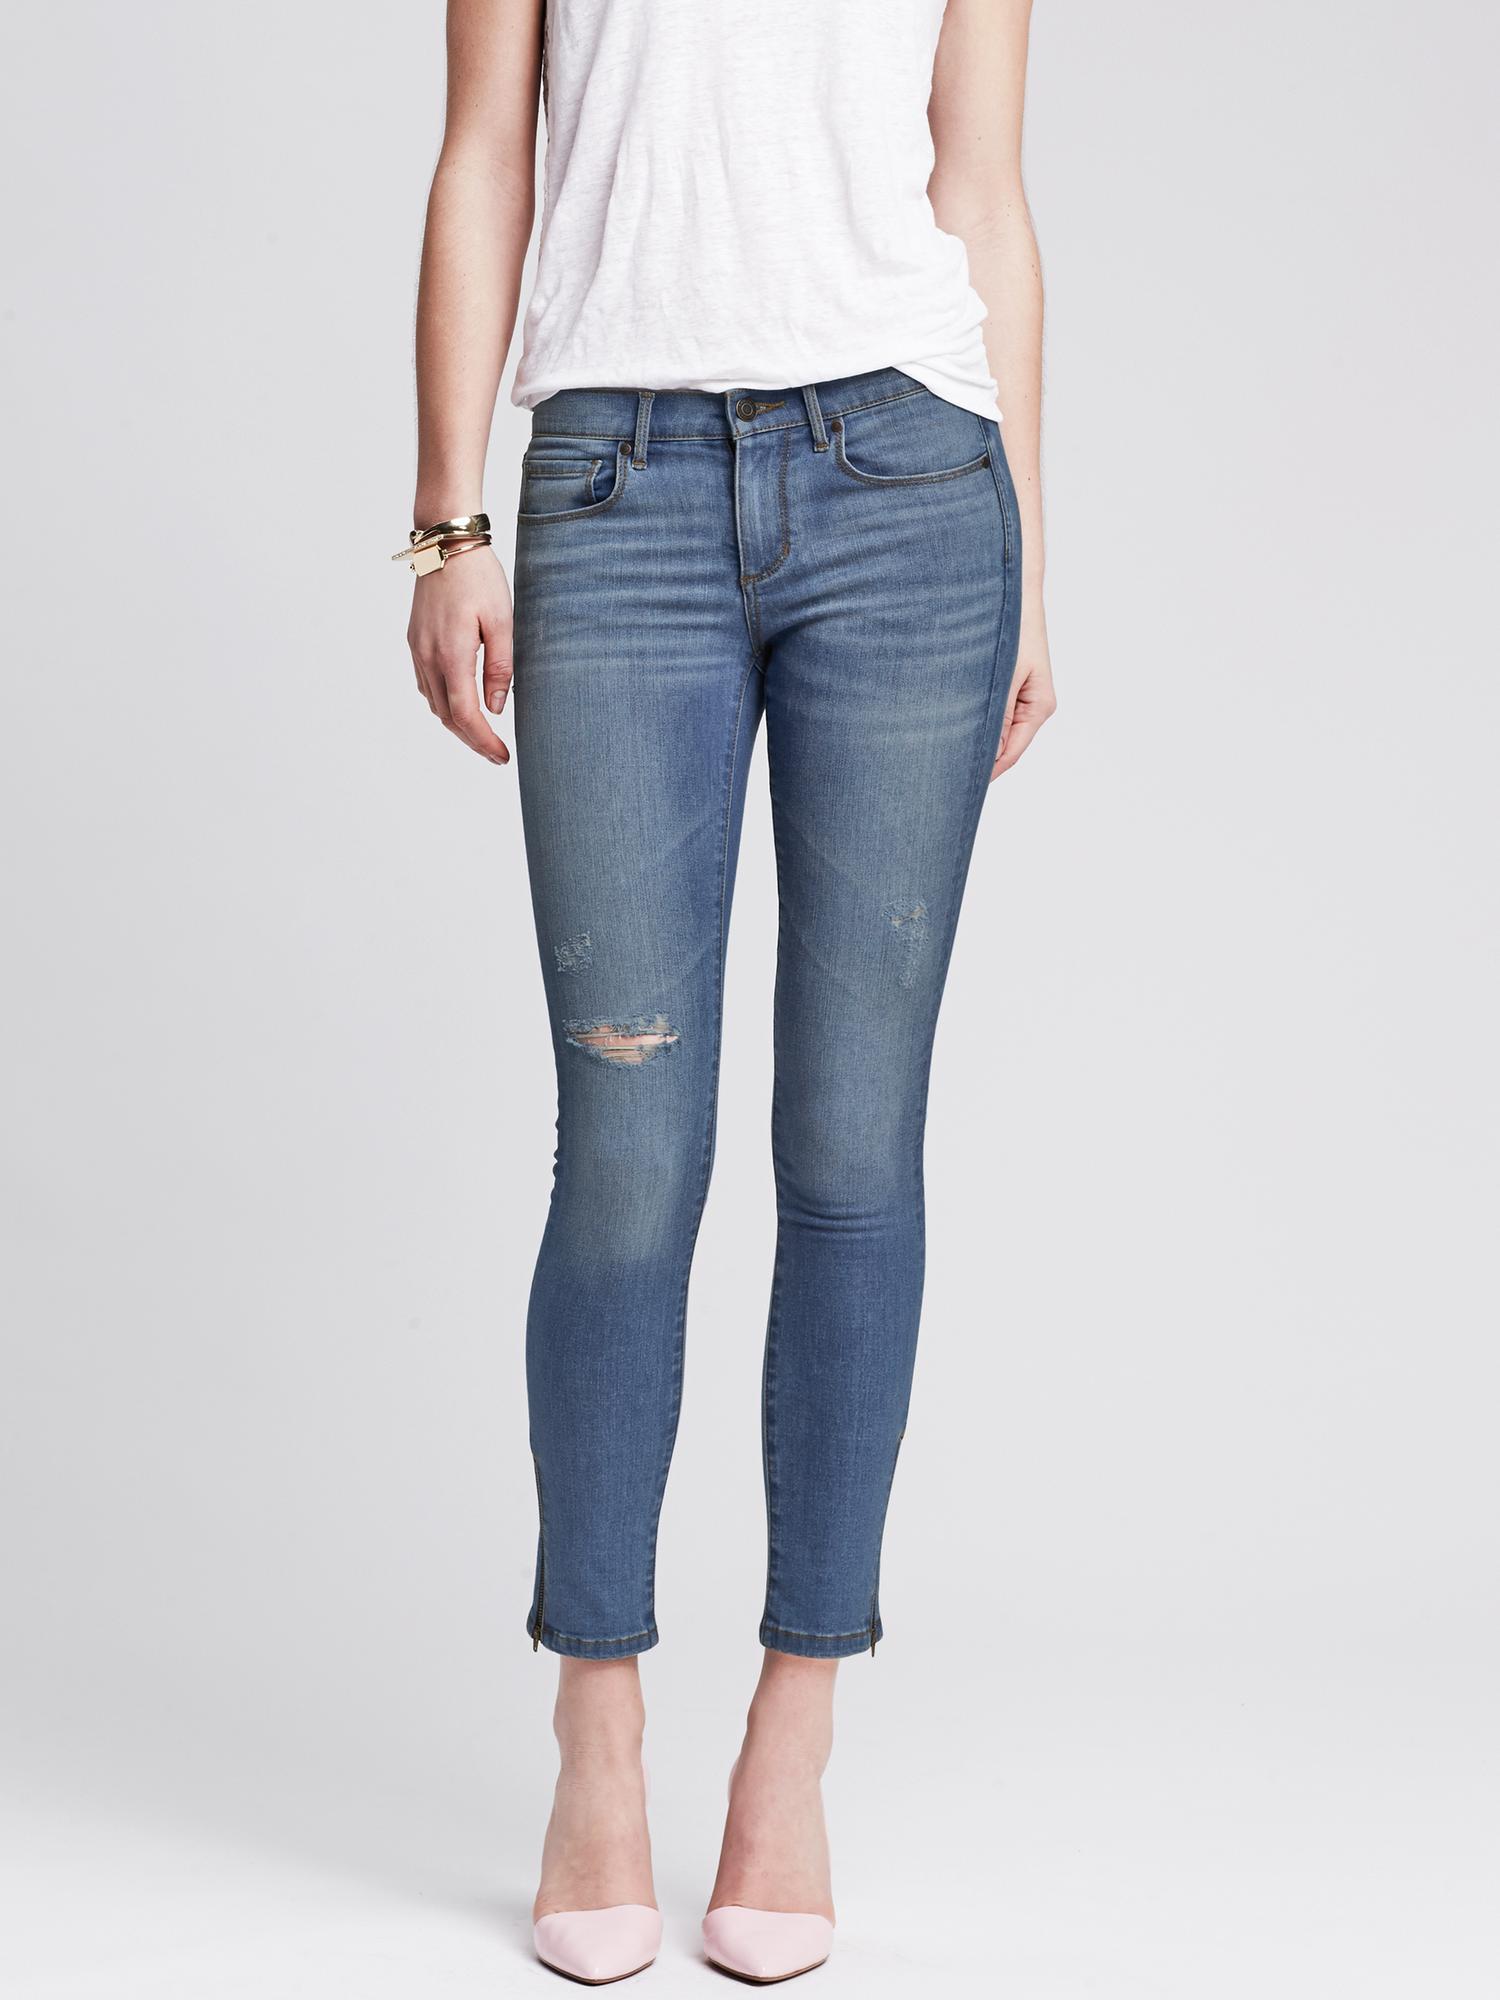 Cheap Designer Jeans For Men